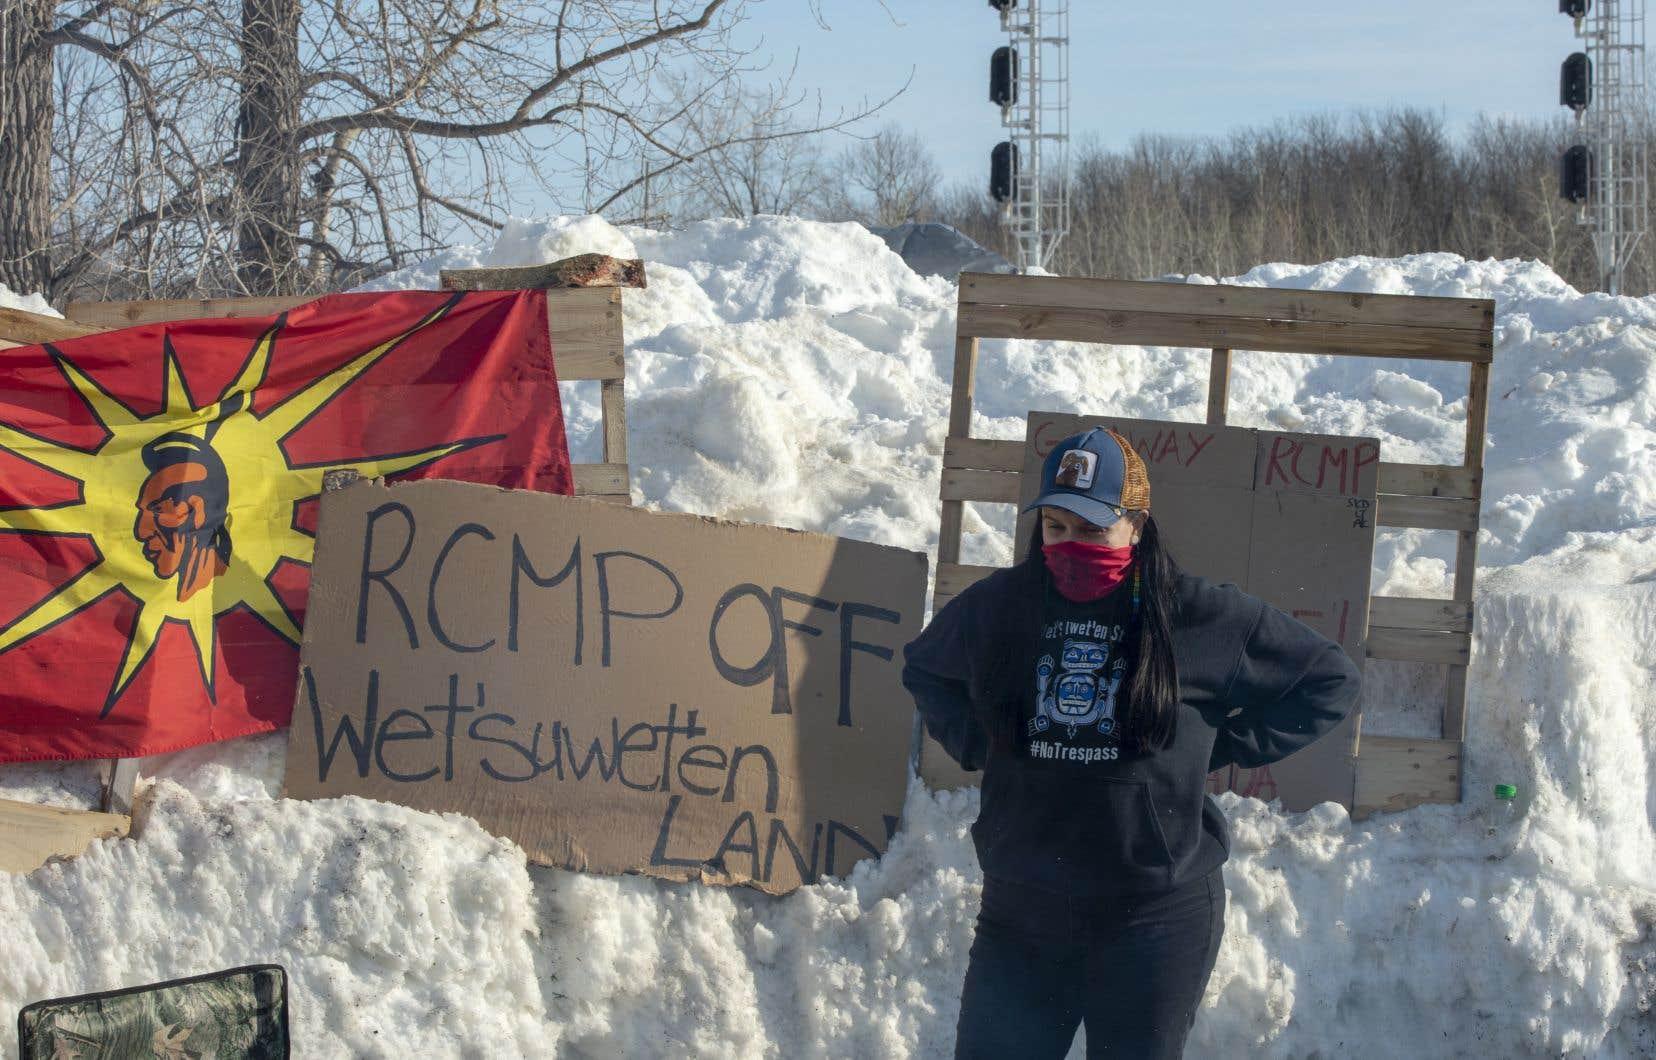 Les organisateurs des moyens de pression à travers le pays sont solidaires des opposants au projet de gazoduc Coastal GasLink qui doit traverser le territoire ancestral de la Première Nation Wet'suwet'en près de Houston, dans le nord-ouest de la Colombie-Britannique.